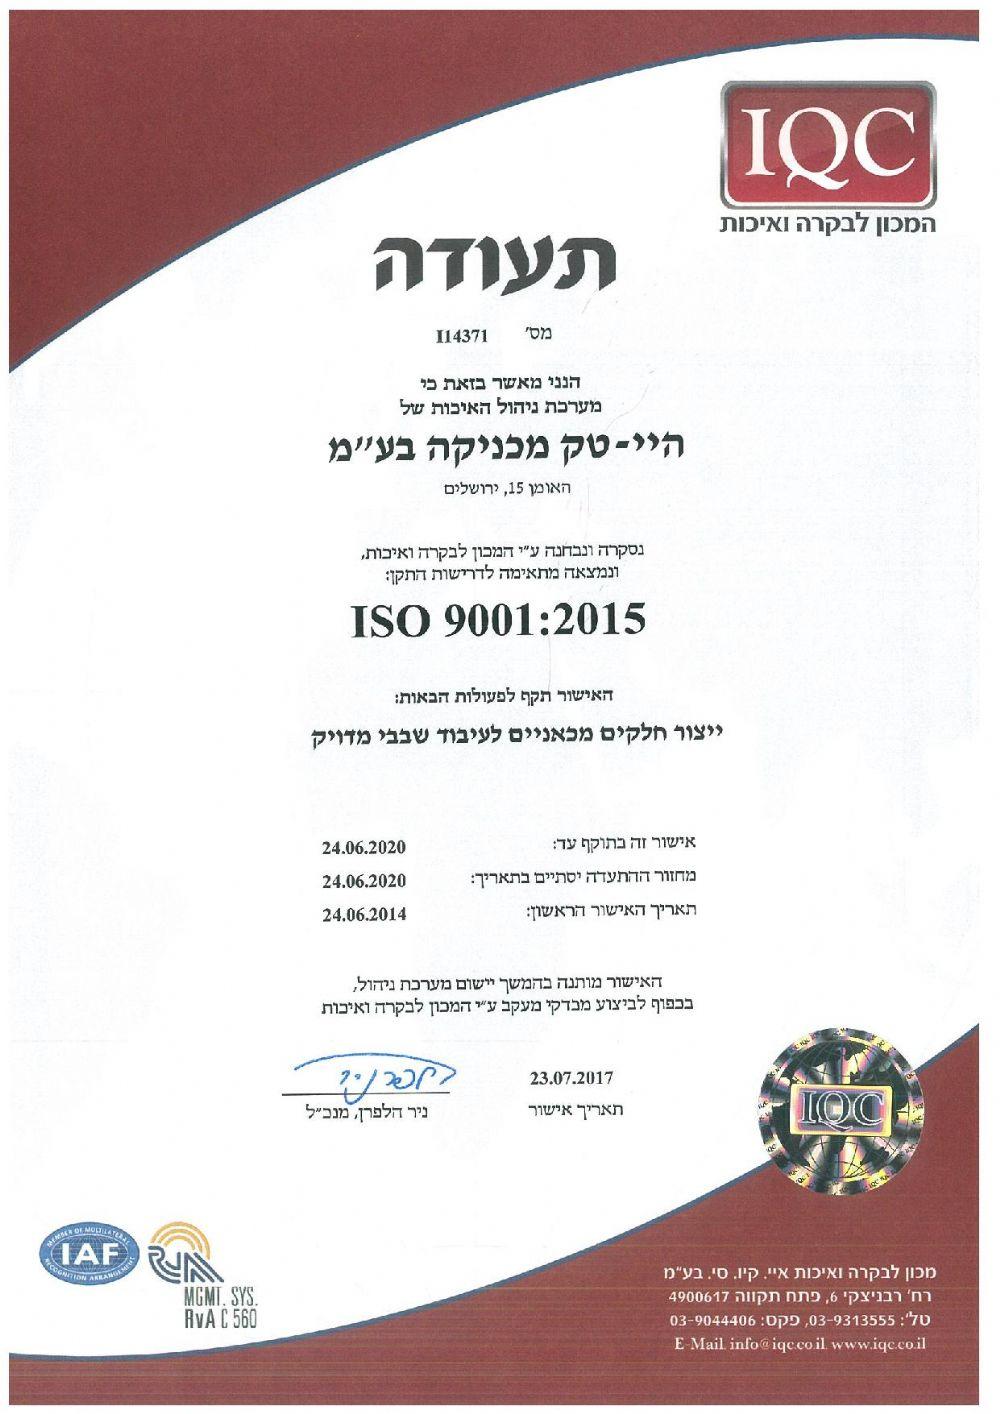 היי-טק מכניקה - תעודת ISO 9001:2015 - עיבוד שבבי